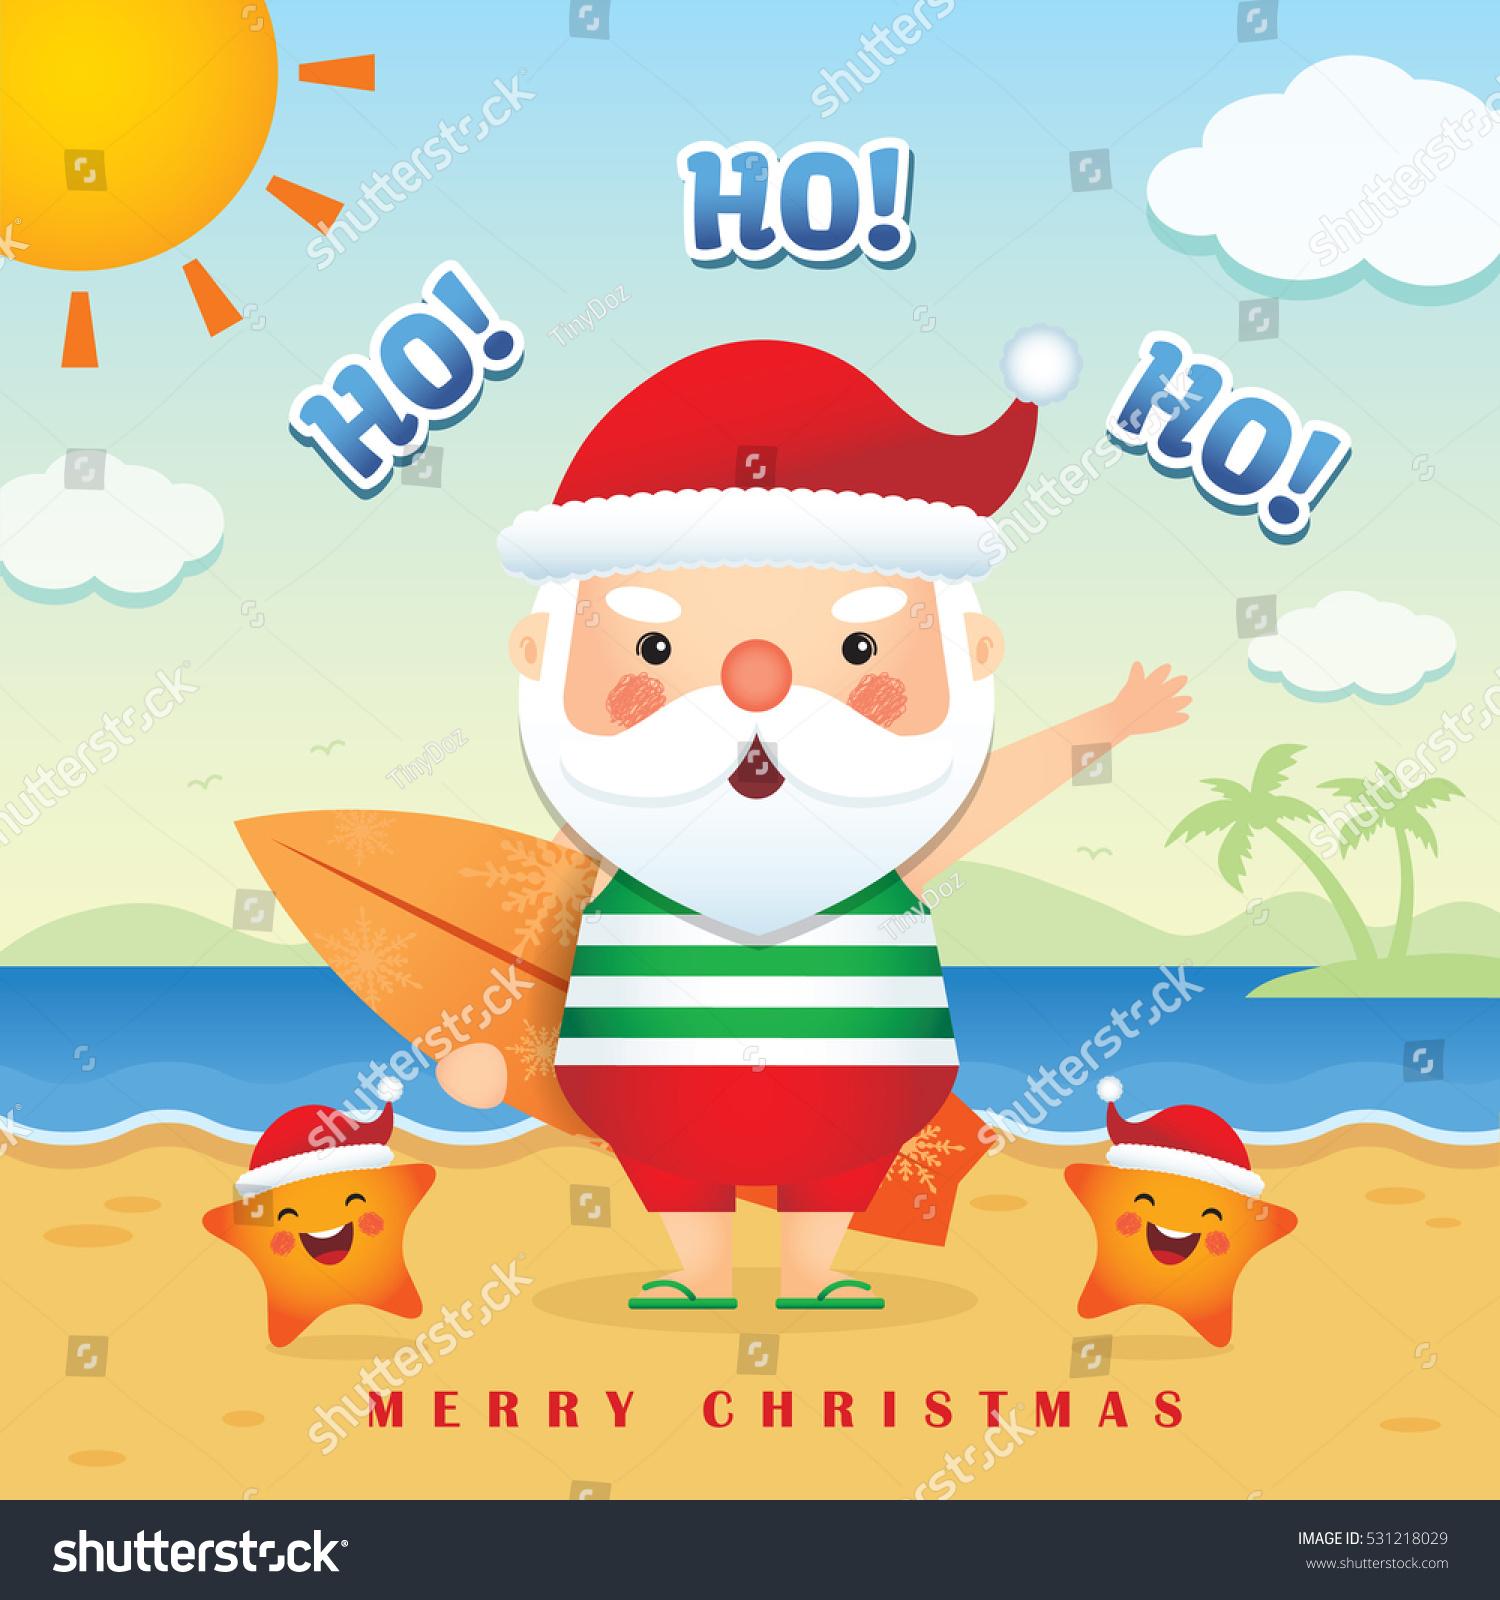 Merry Christmas Greetings Cute Cartoon Santa Stock Vector 531218029